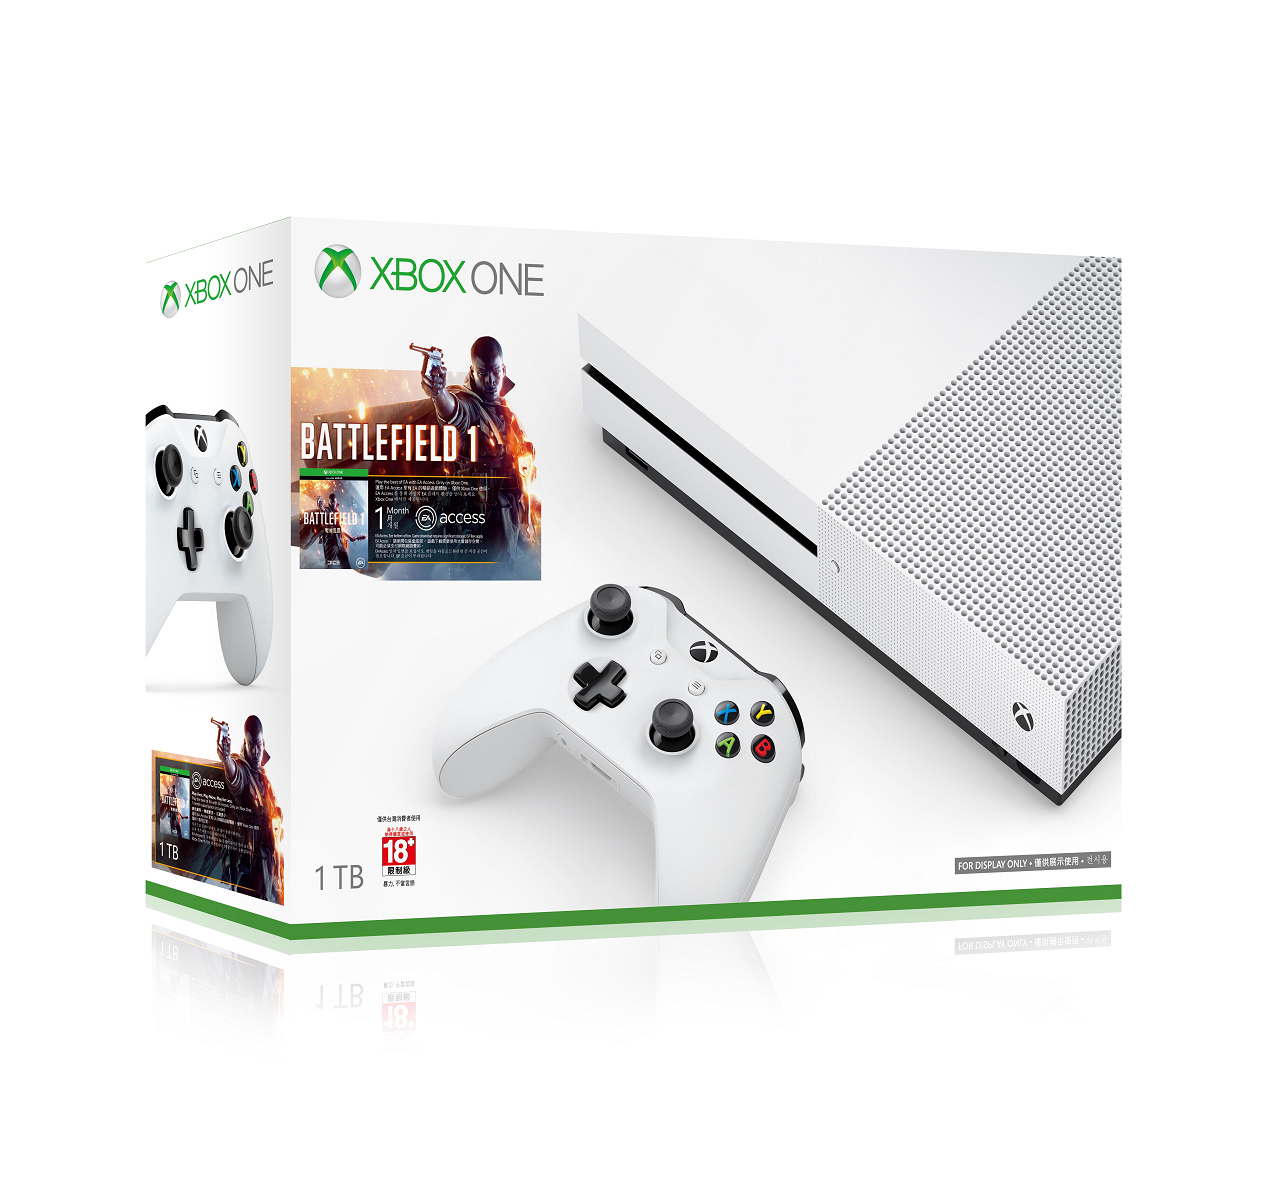 現貨供應中 公司貨 一年保固 [XBOX ONE 主機]  Xbox One S 1TB 戰地風雲 1 同捆組